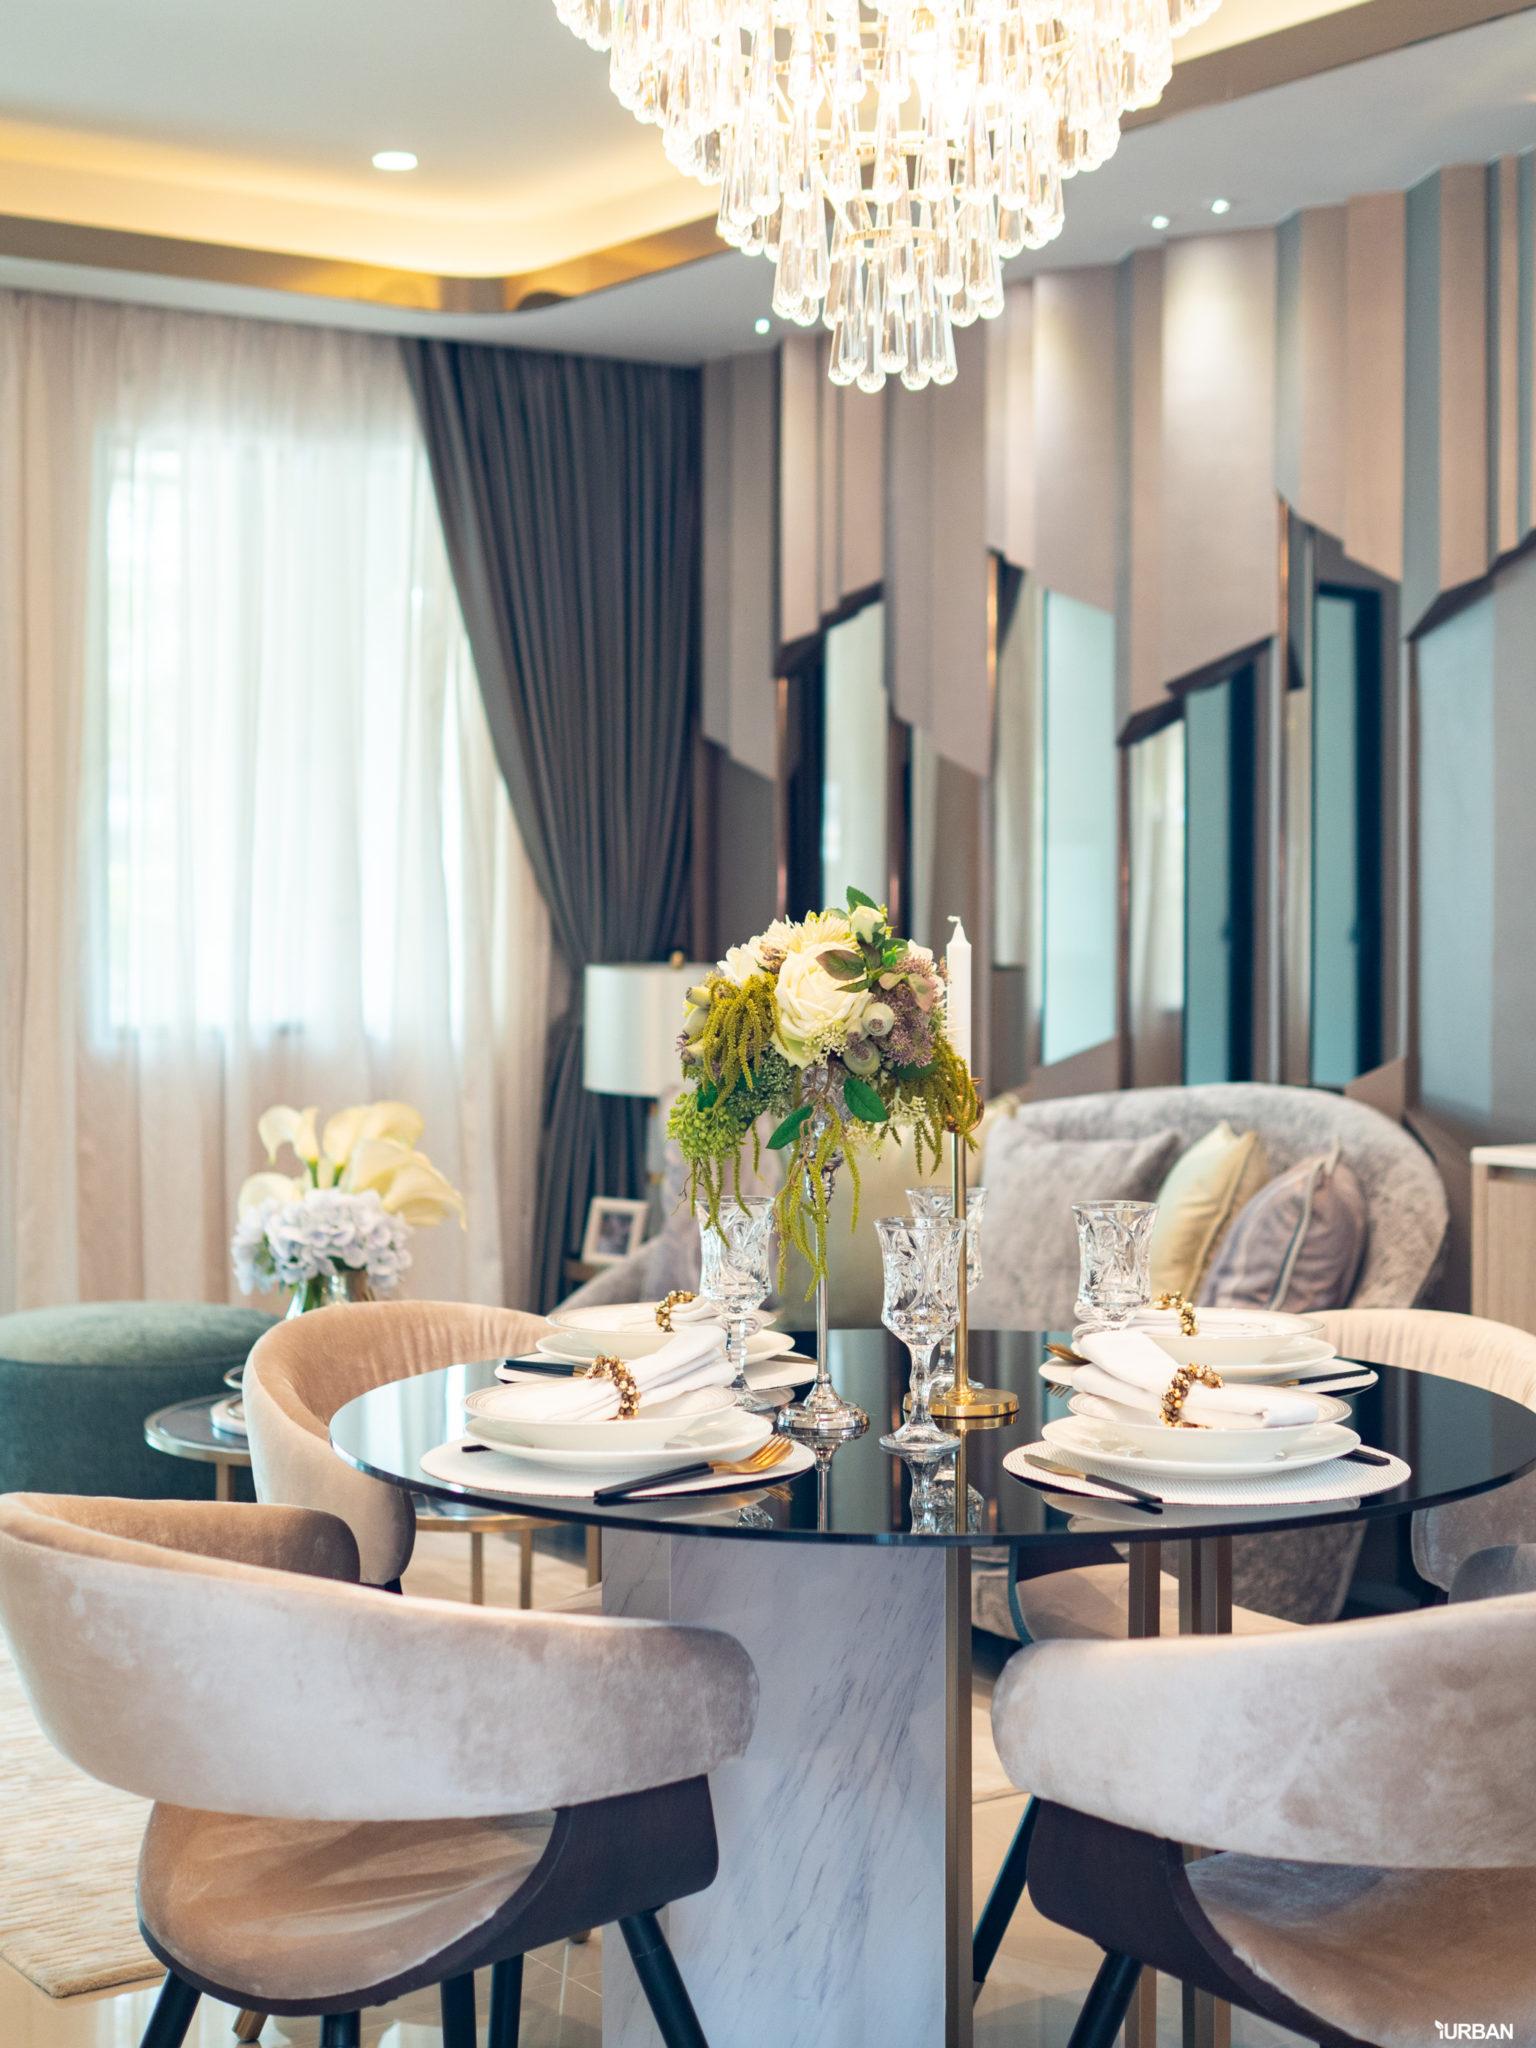 รีวิว Grande Pleno ราชพฤกษ์ บ้านที่พอดี ส่วนกลางพรีเมียม เริ่ม 2.39 ล้าน 25 - AP (Thailand) - เอพี (ไทยแลนด์)